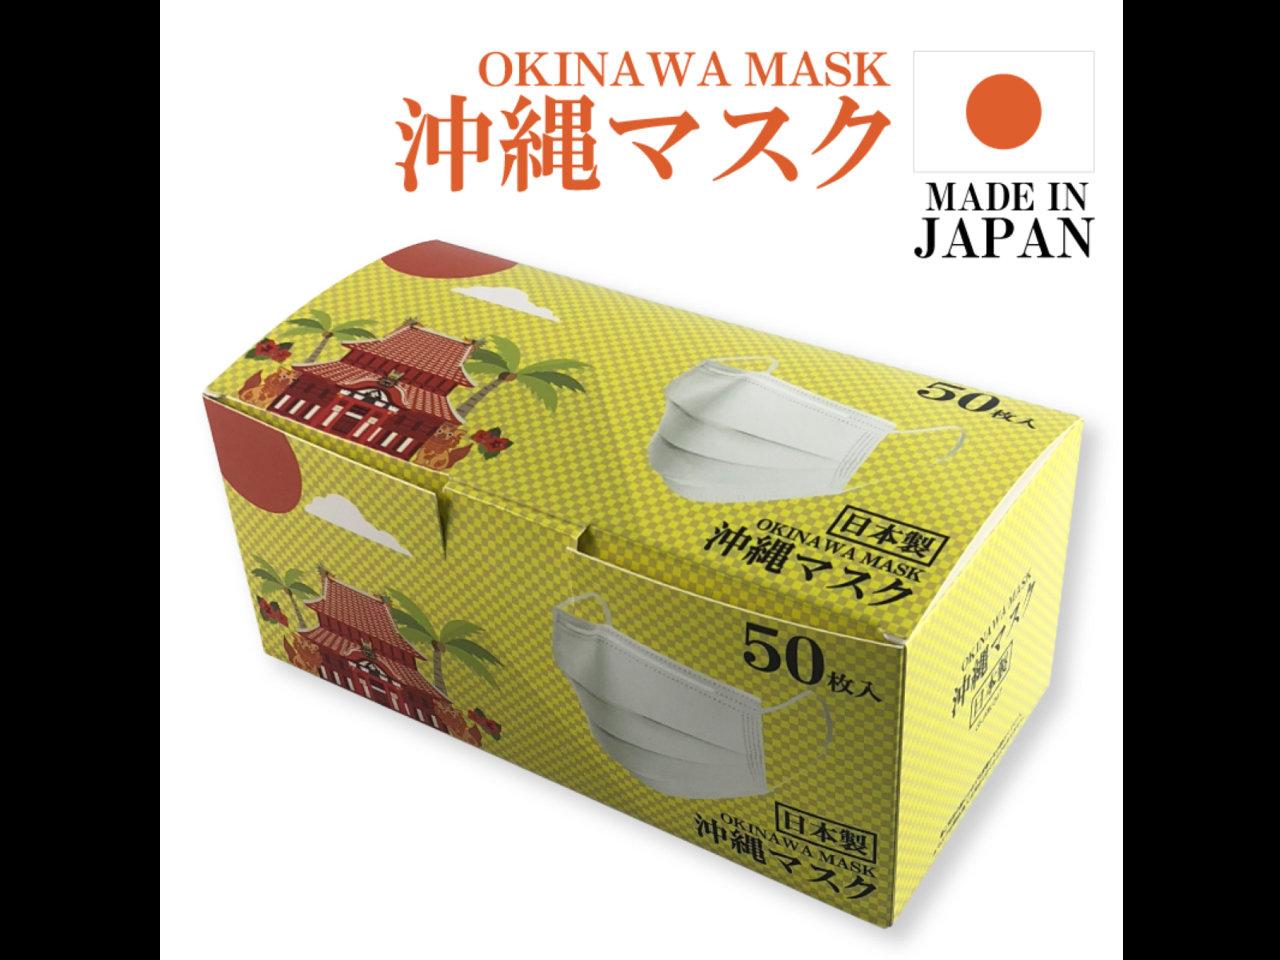 こんどは「沖縄マスク」登場。50枚1980円。国内製造の清潔・品質・安心の都道府県マスク。